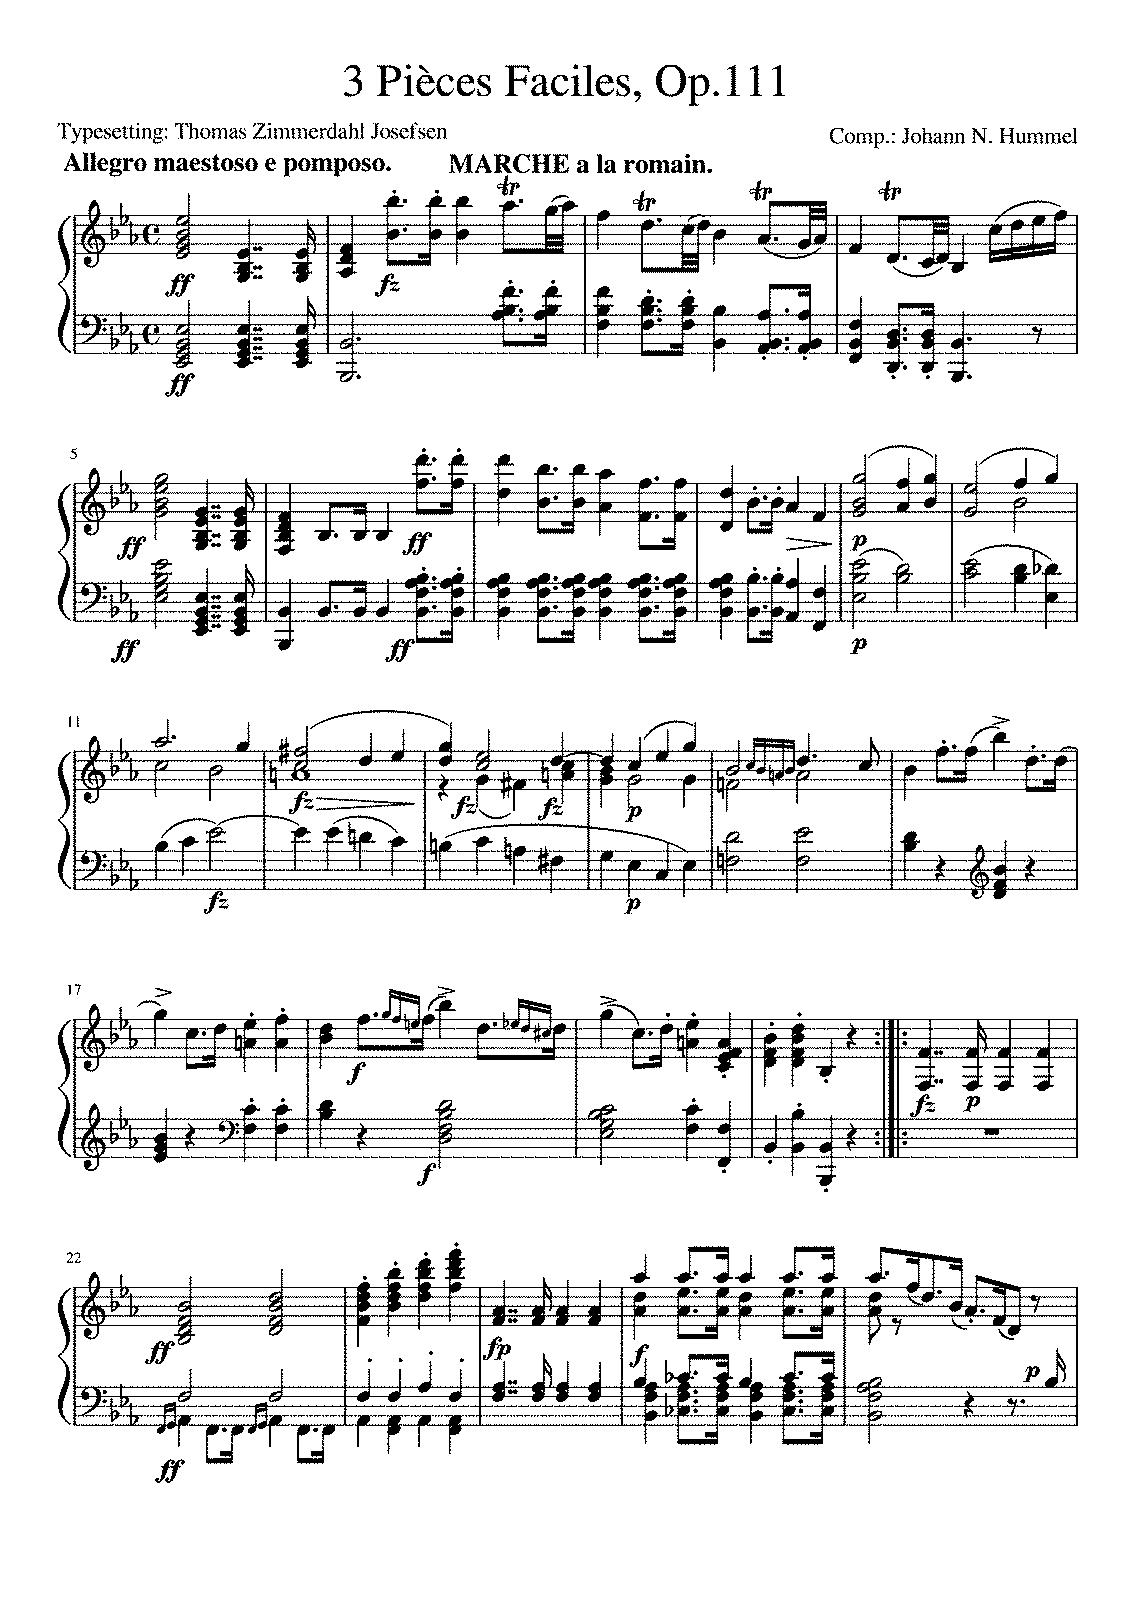 3 Pieces, Op 111a (Hummel, Johann Nepomuk) - IMSLP/Petrucci